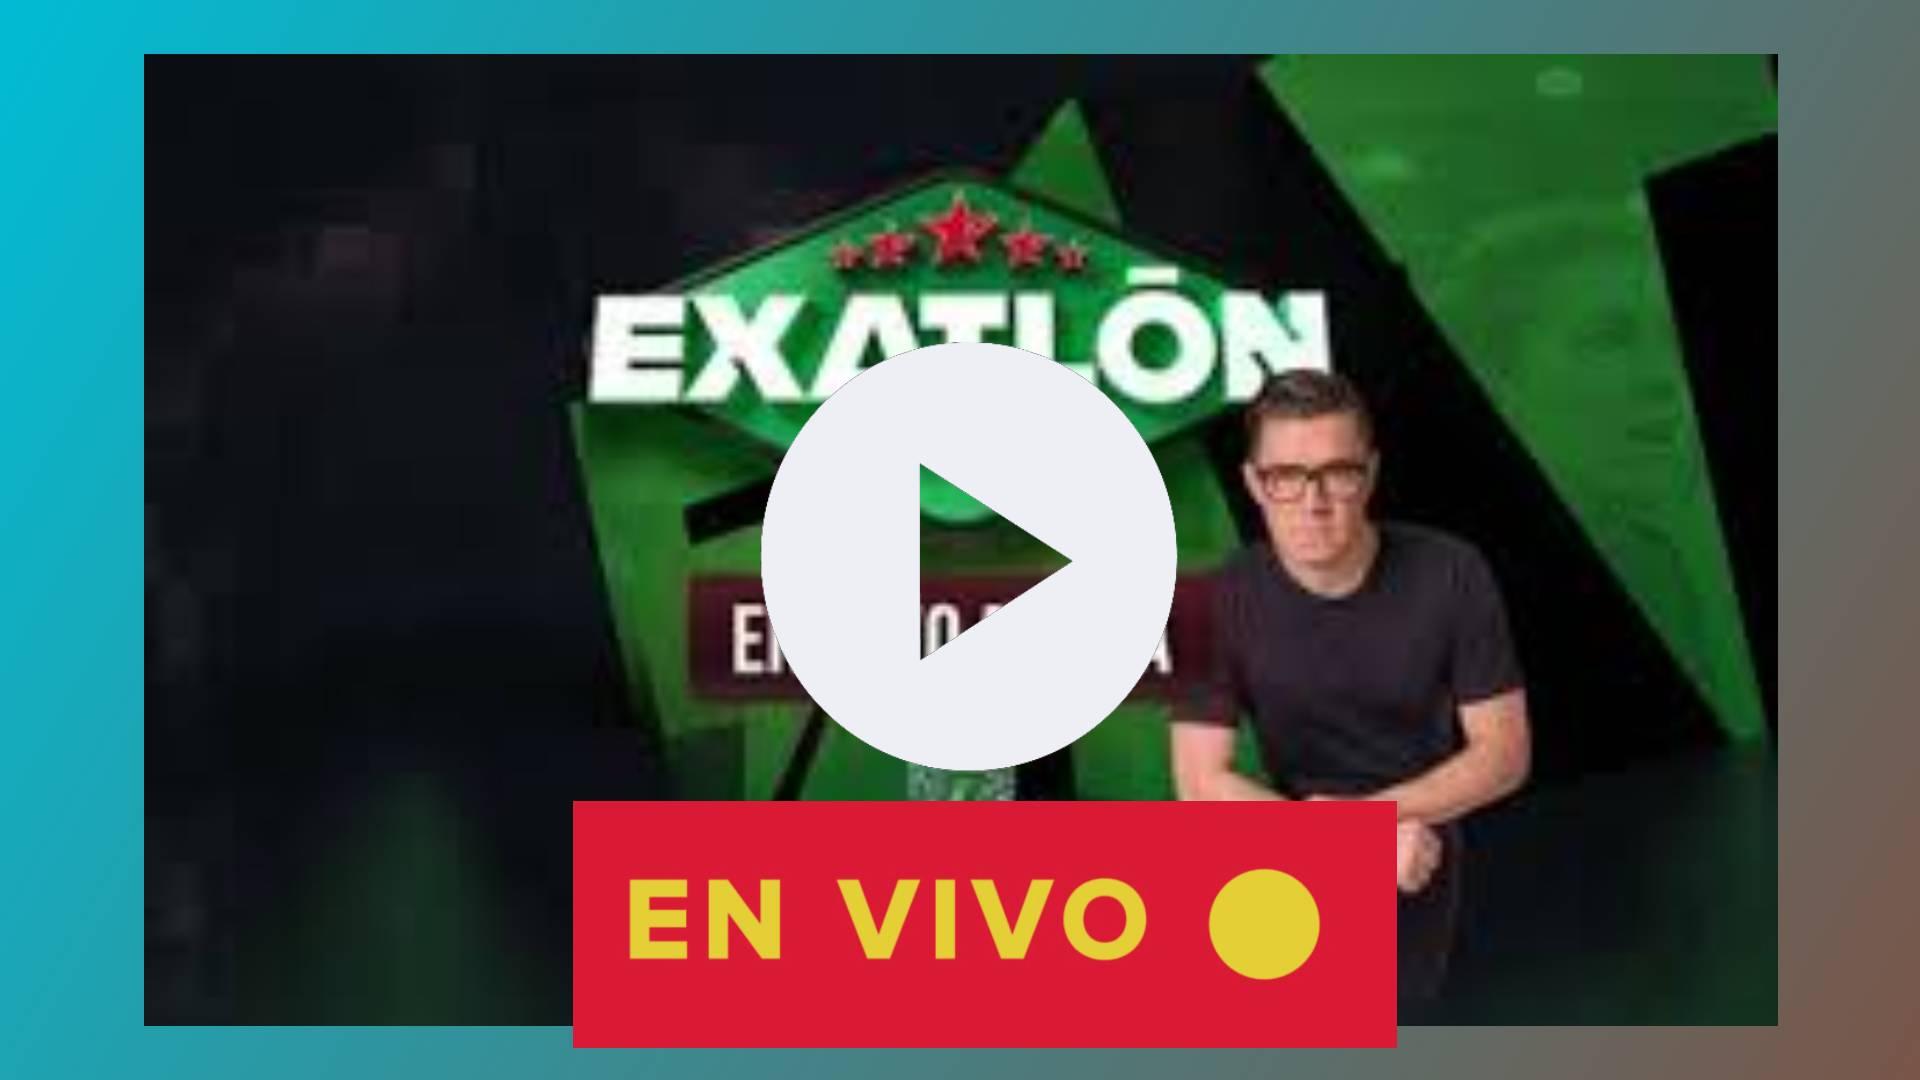 HOY EN VIVO EXATLON MEXICO 2020 GRATIS MIRAR AQUI